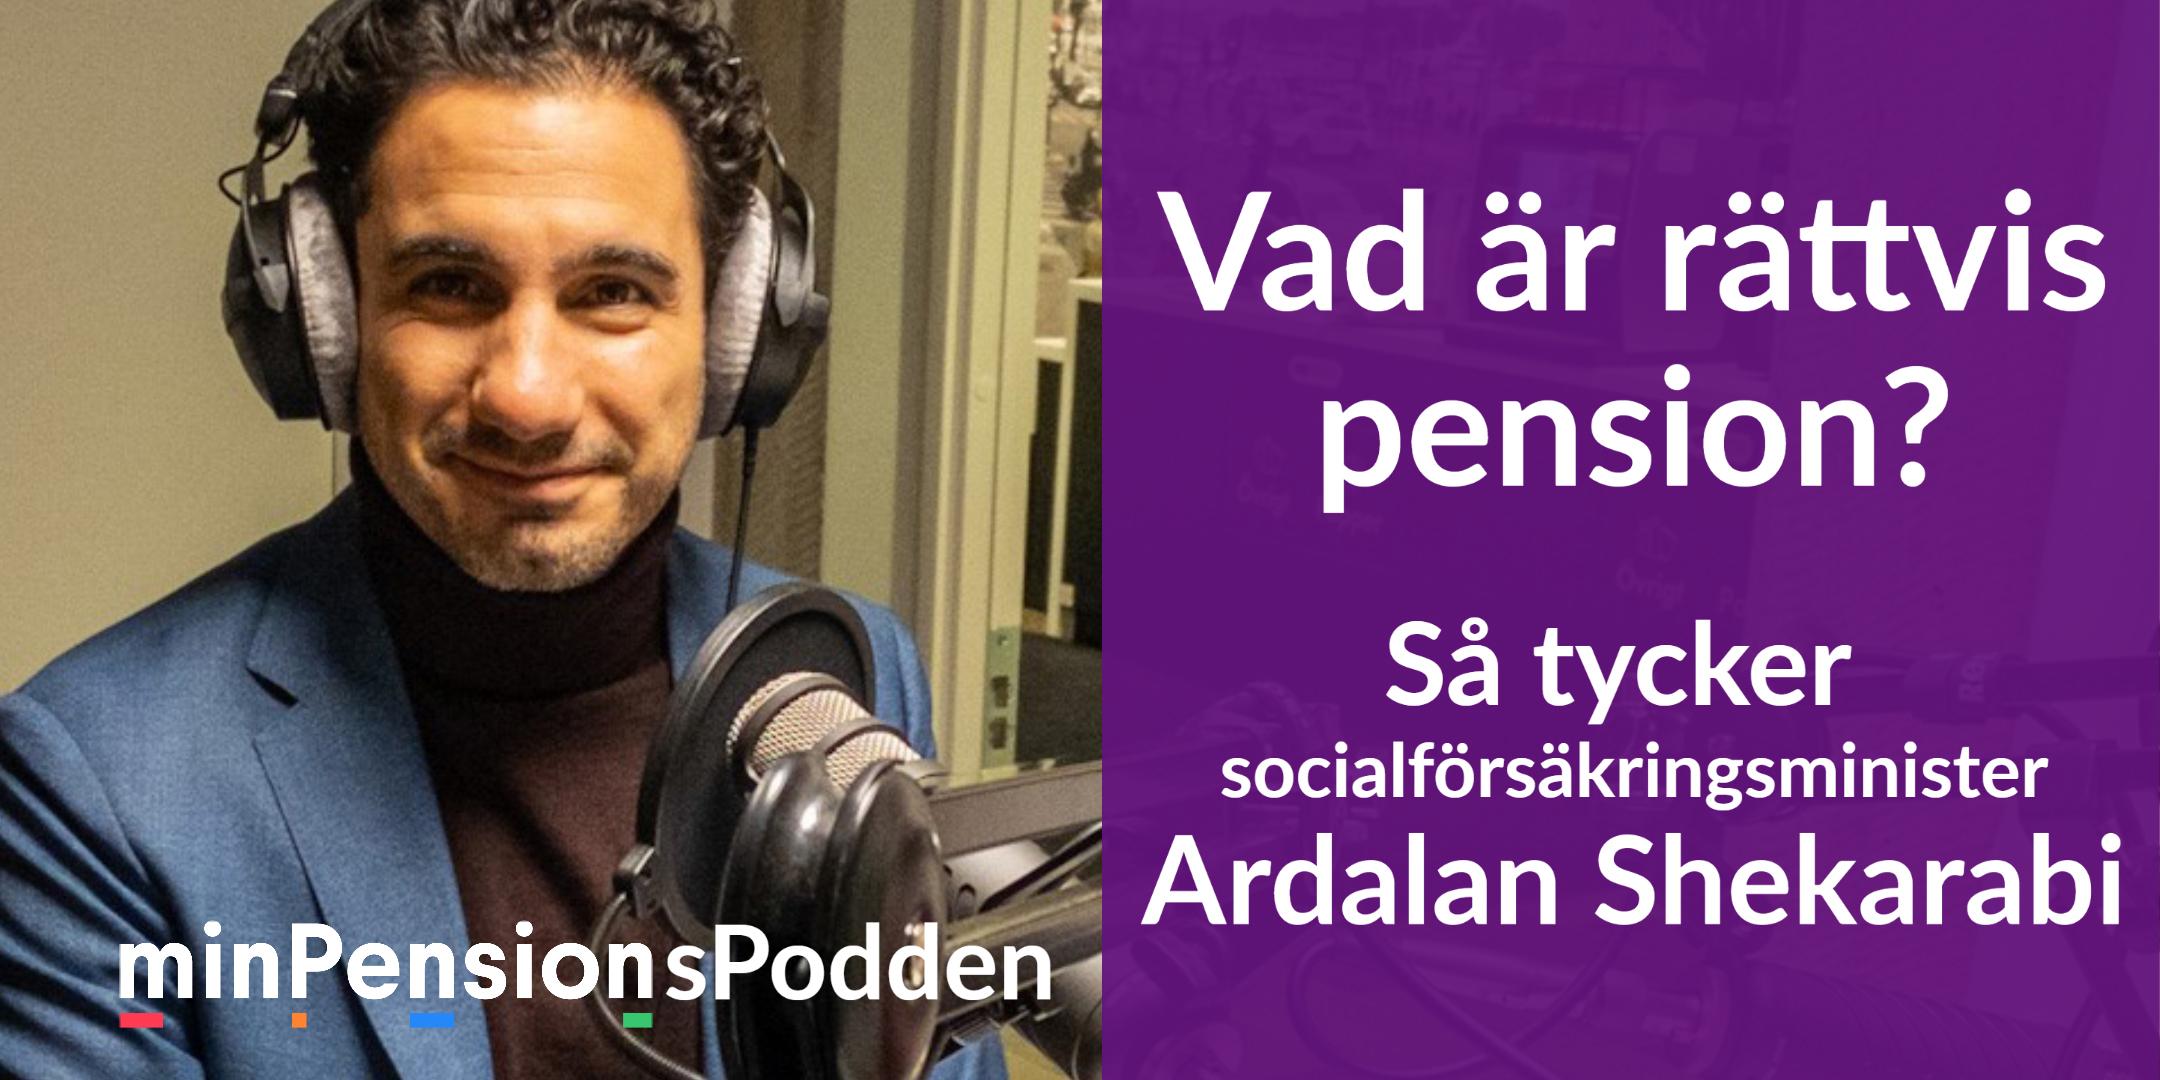 Ardalan Shekarabi, socialförsäkringsminister i minPensions poddstudio